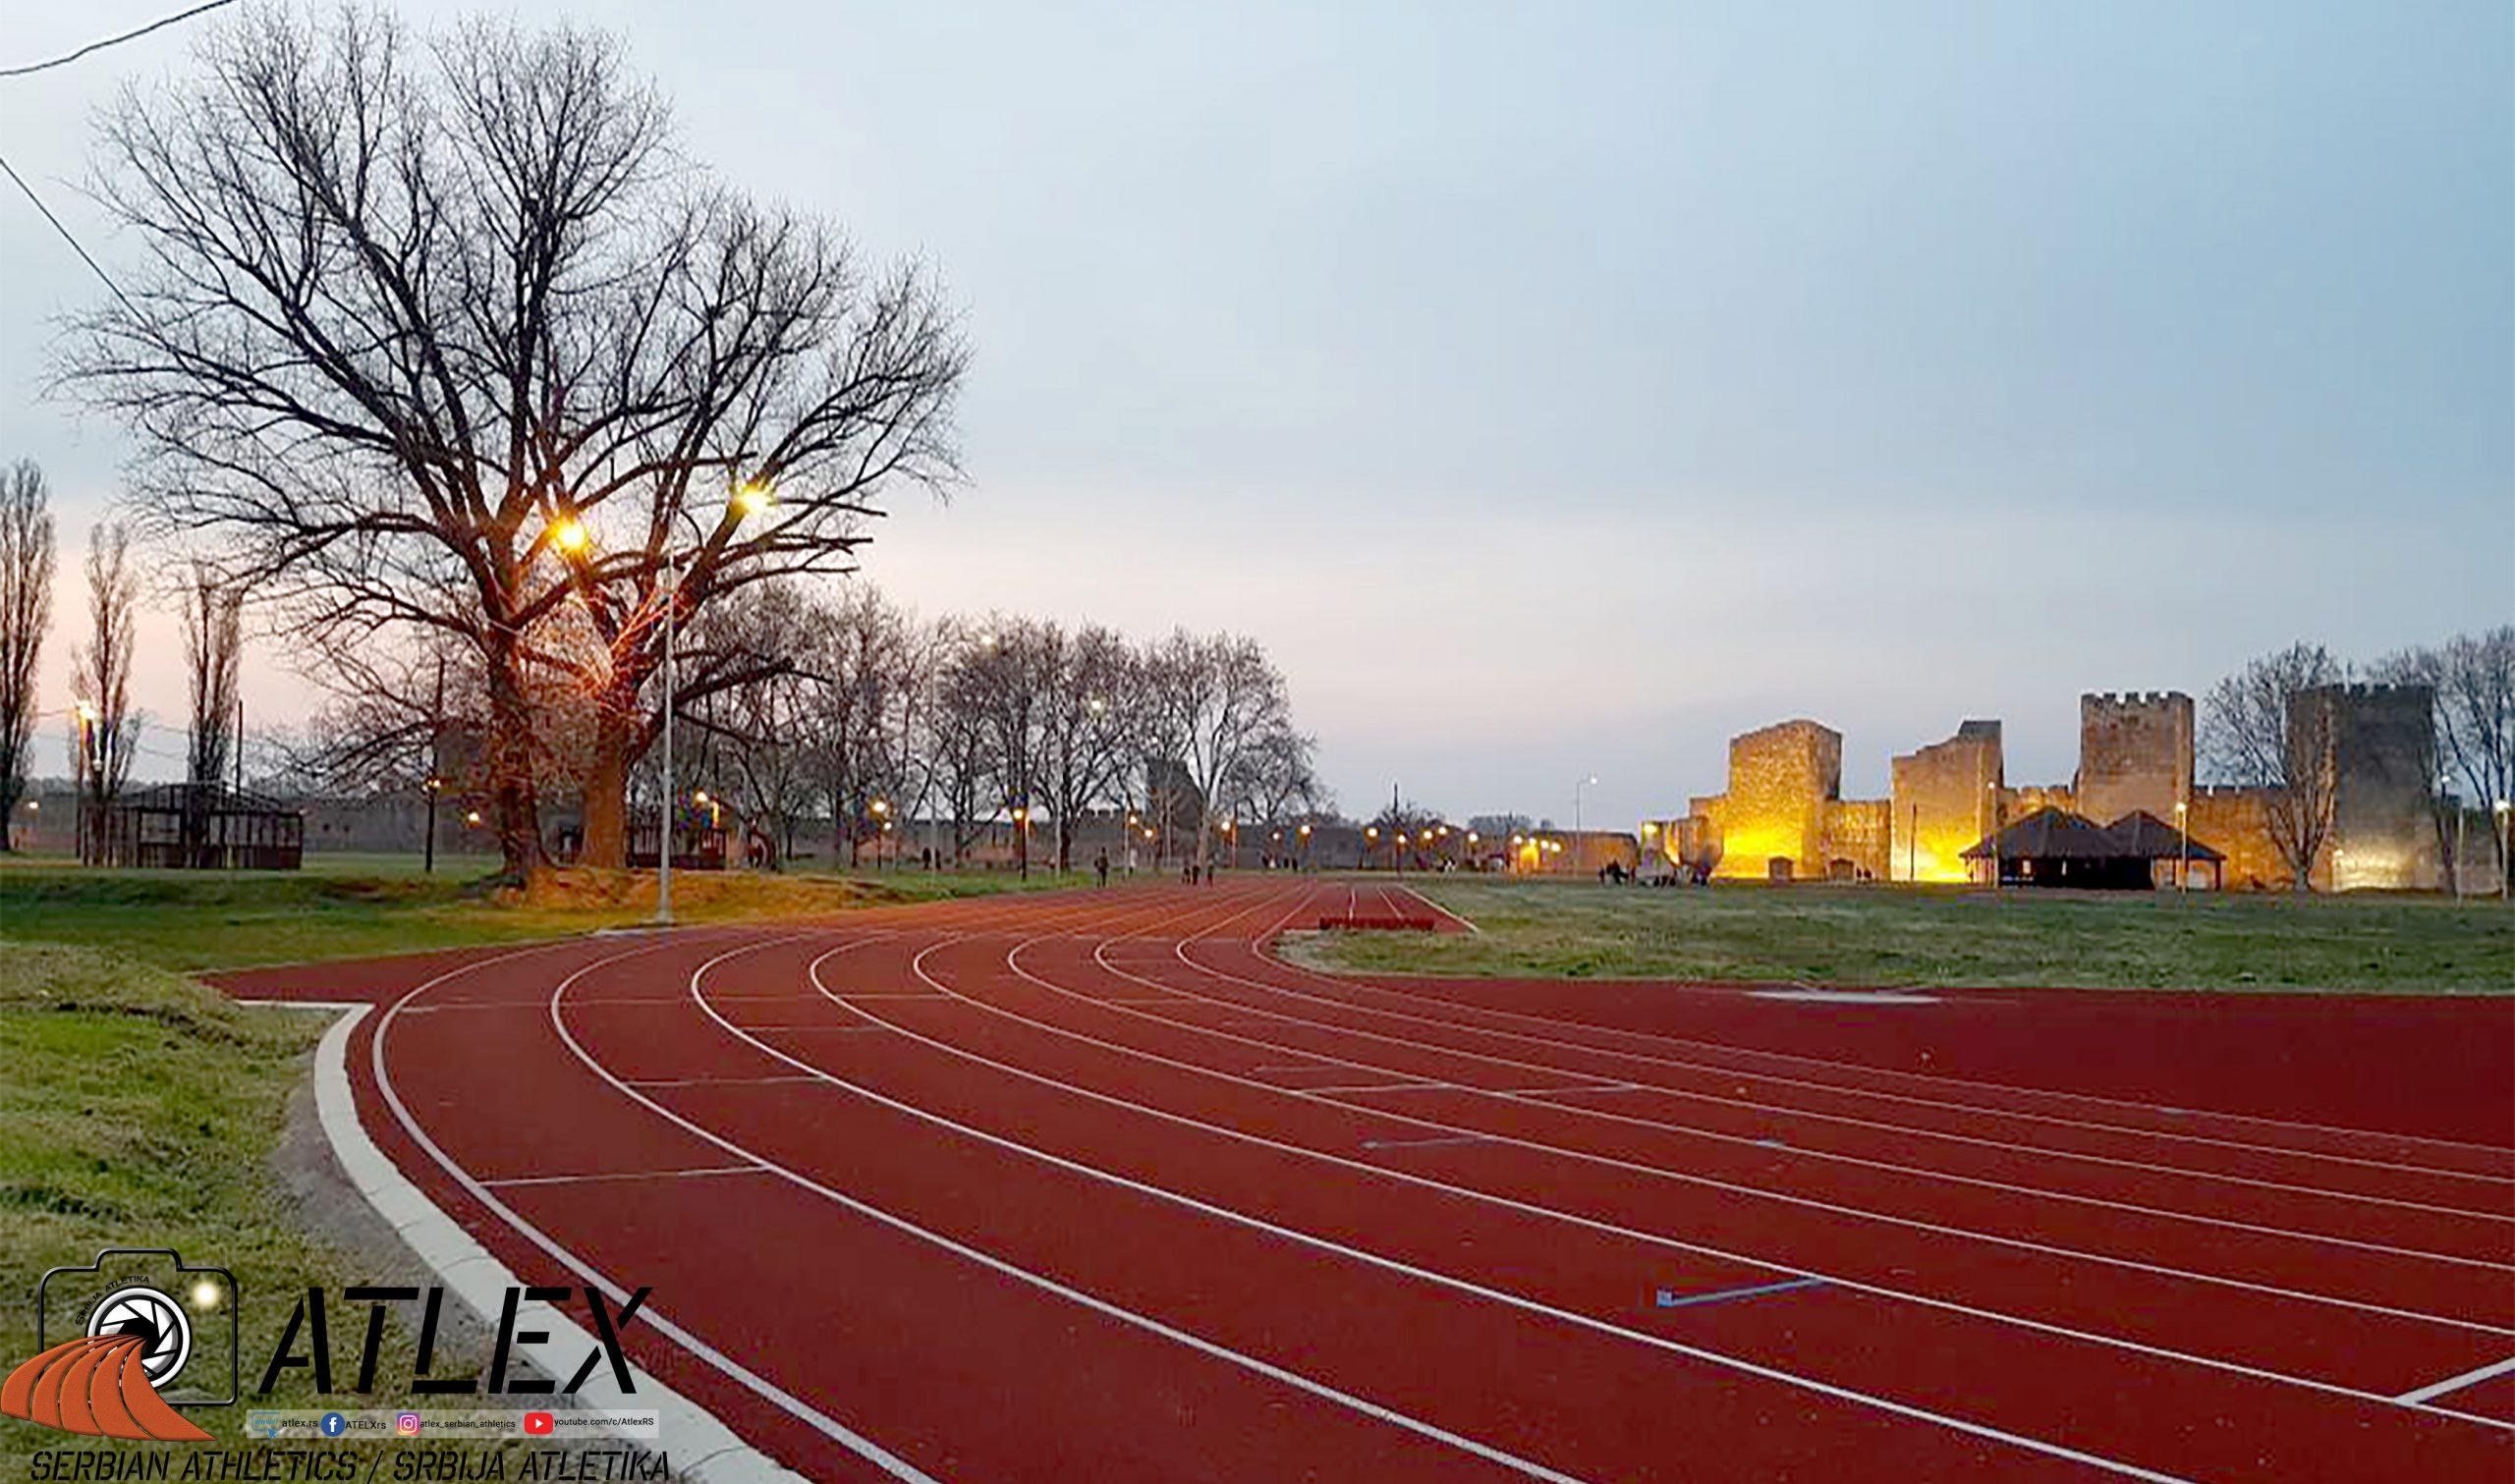 Atletski stadion Smederevo